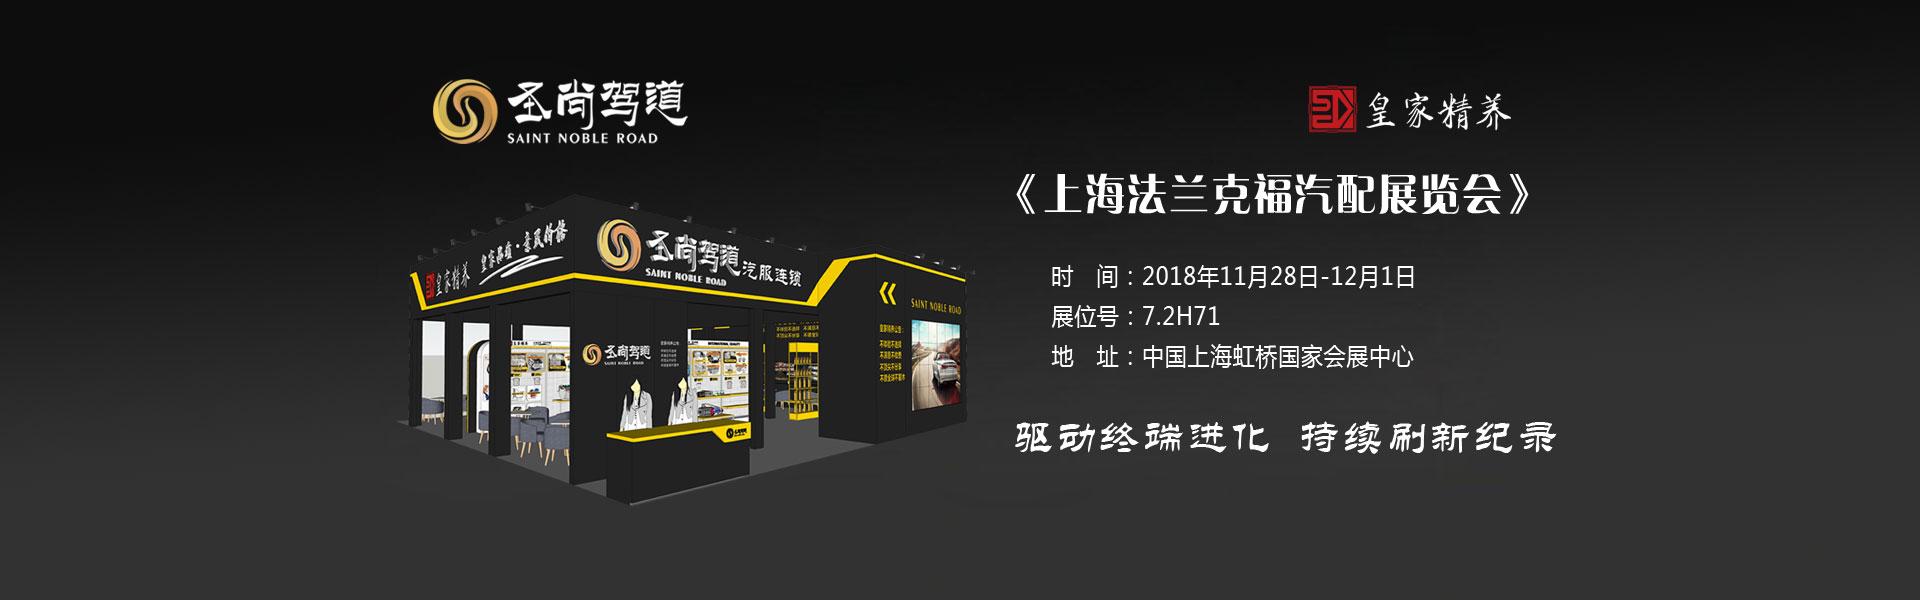 上海法兰克福汽配展览会